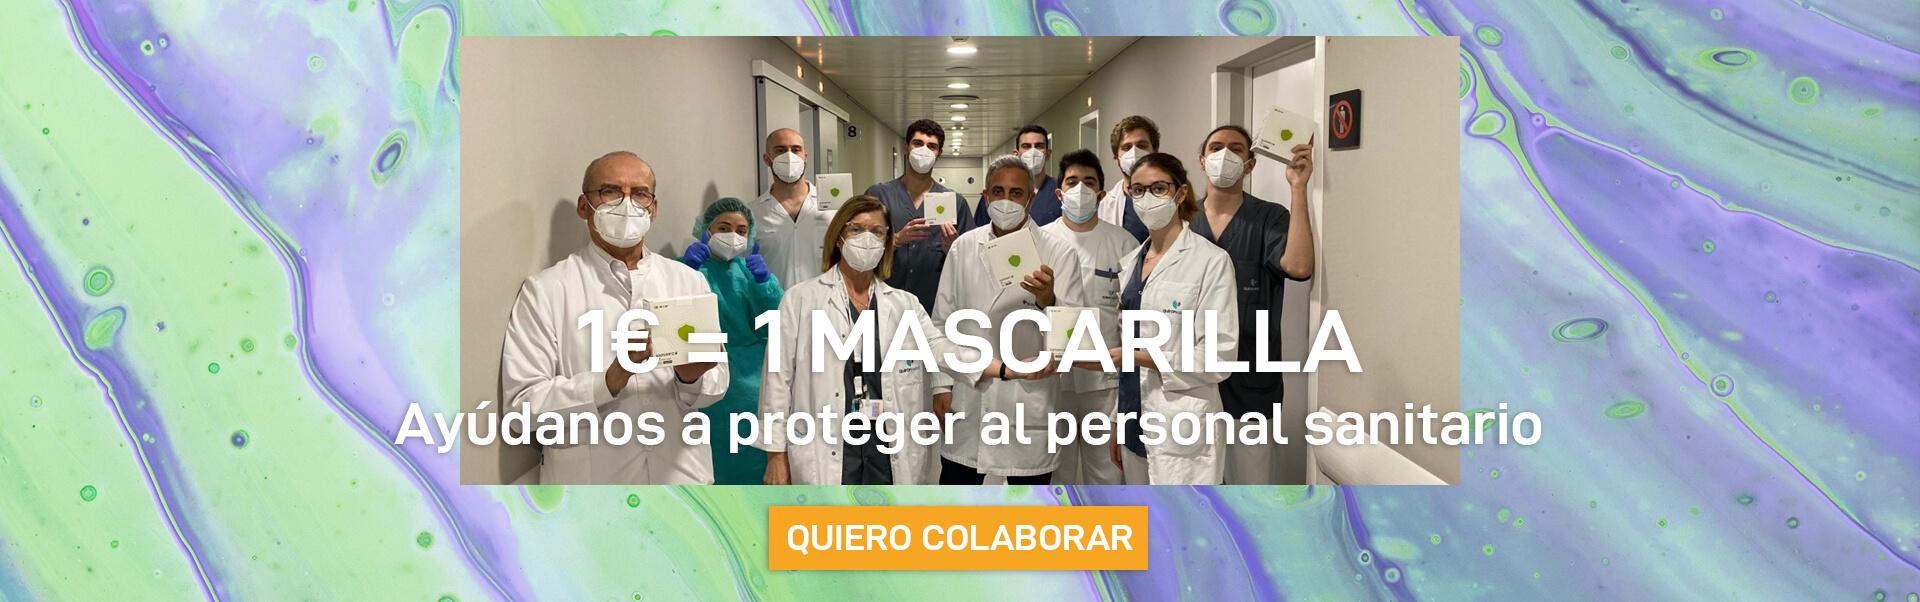 Campaña para donar mascarillas